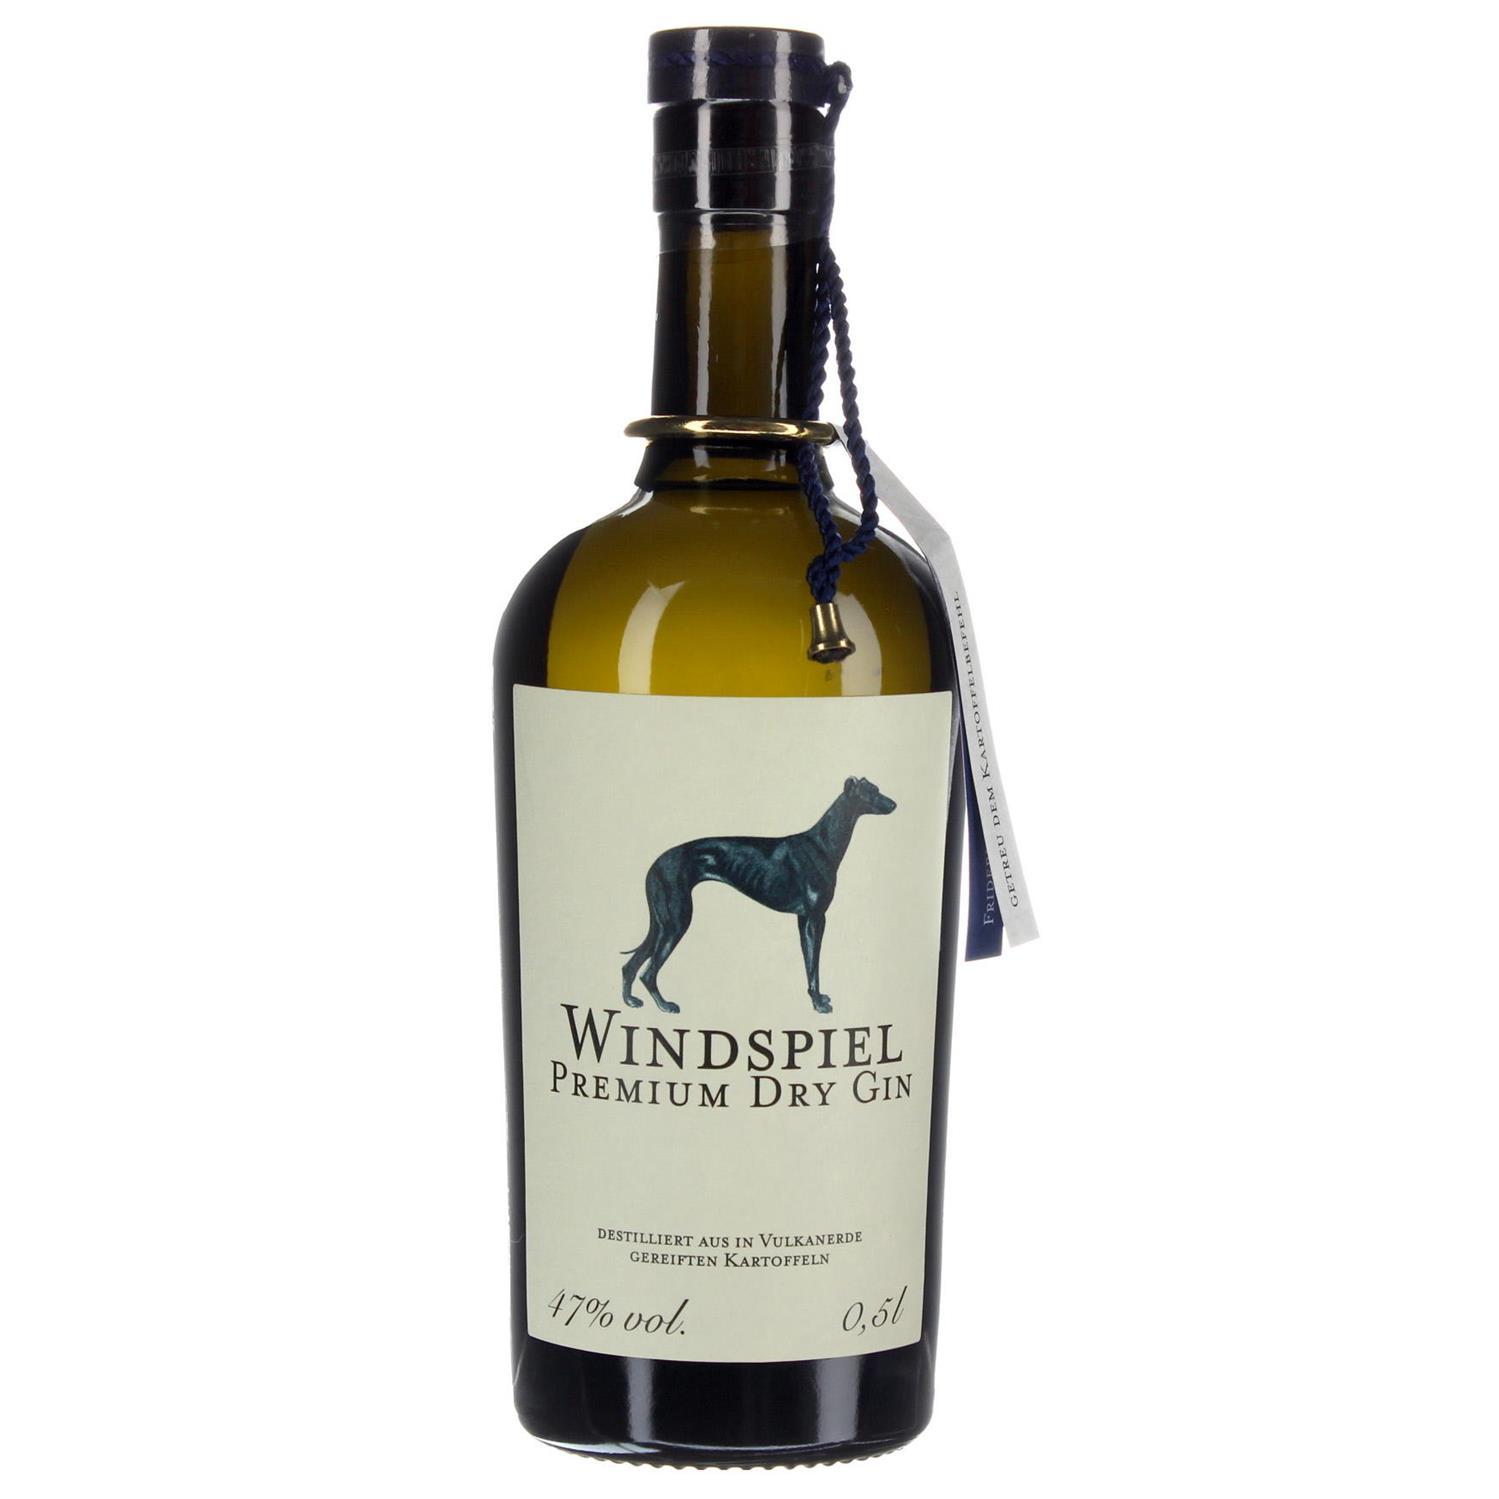 windspiel premium dry gin gr nsehandel til billige priser. Black Bedroom Furniture Sets. Home Design Ideas